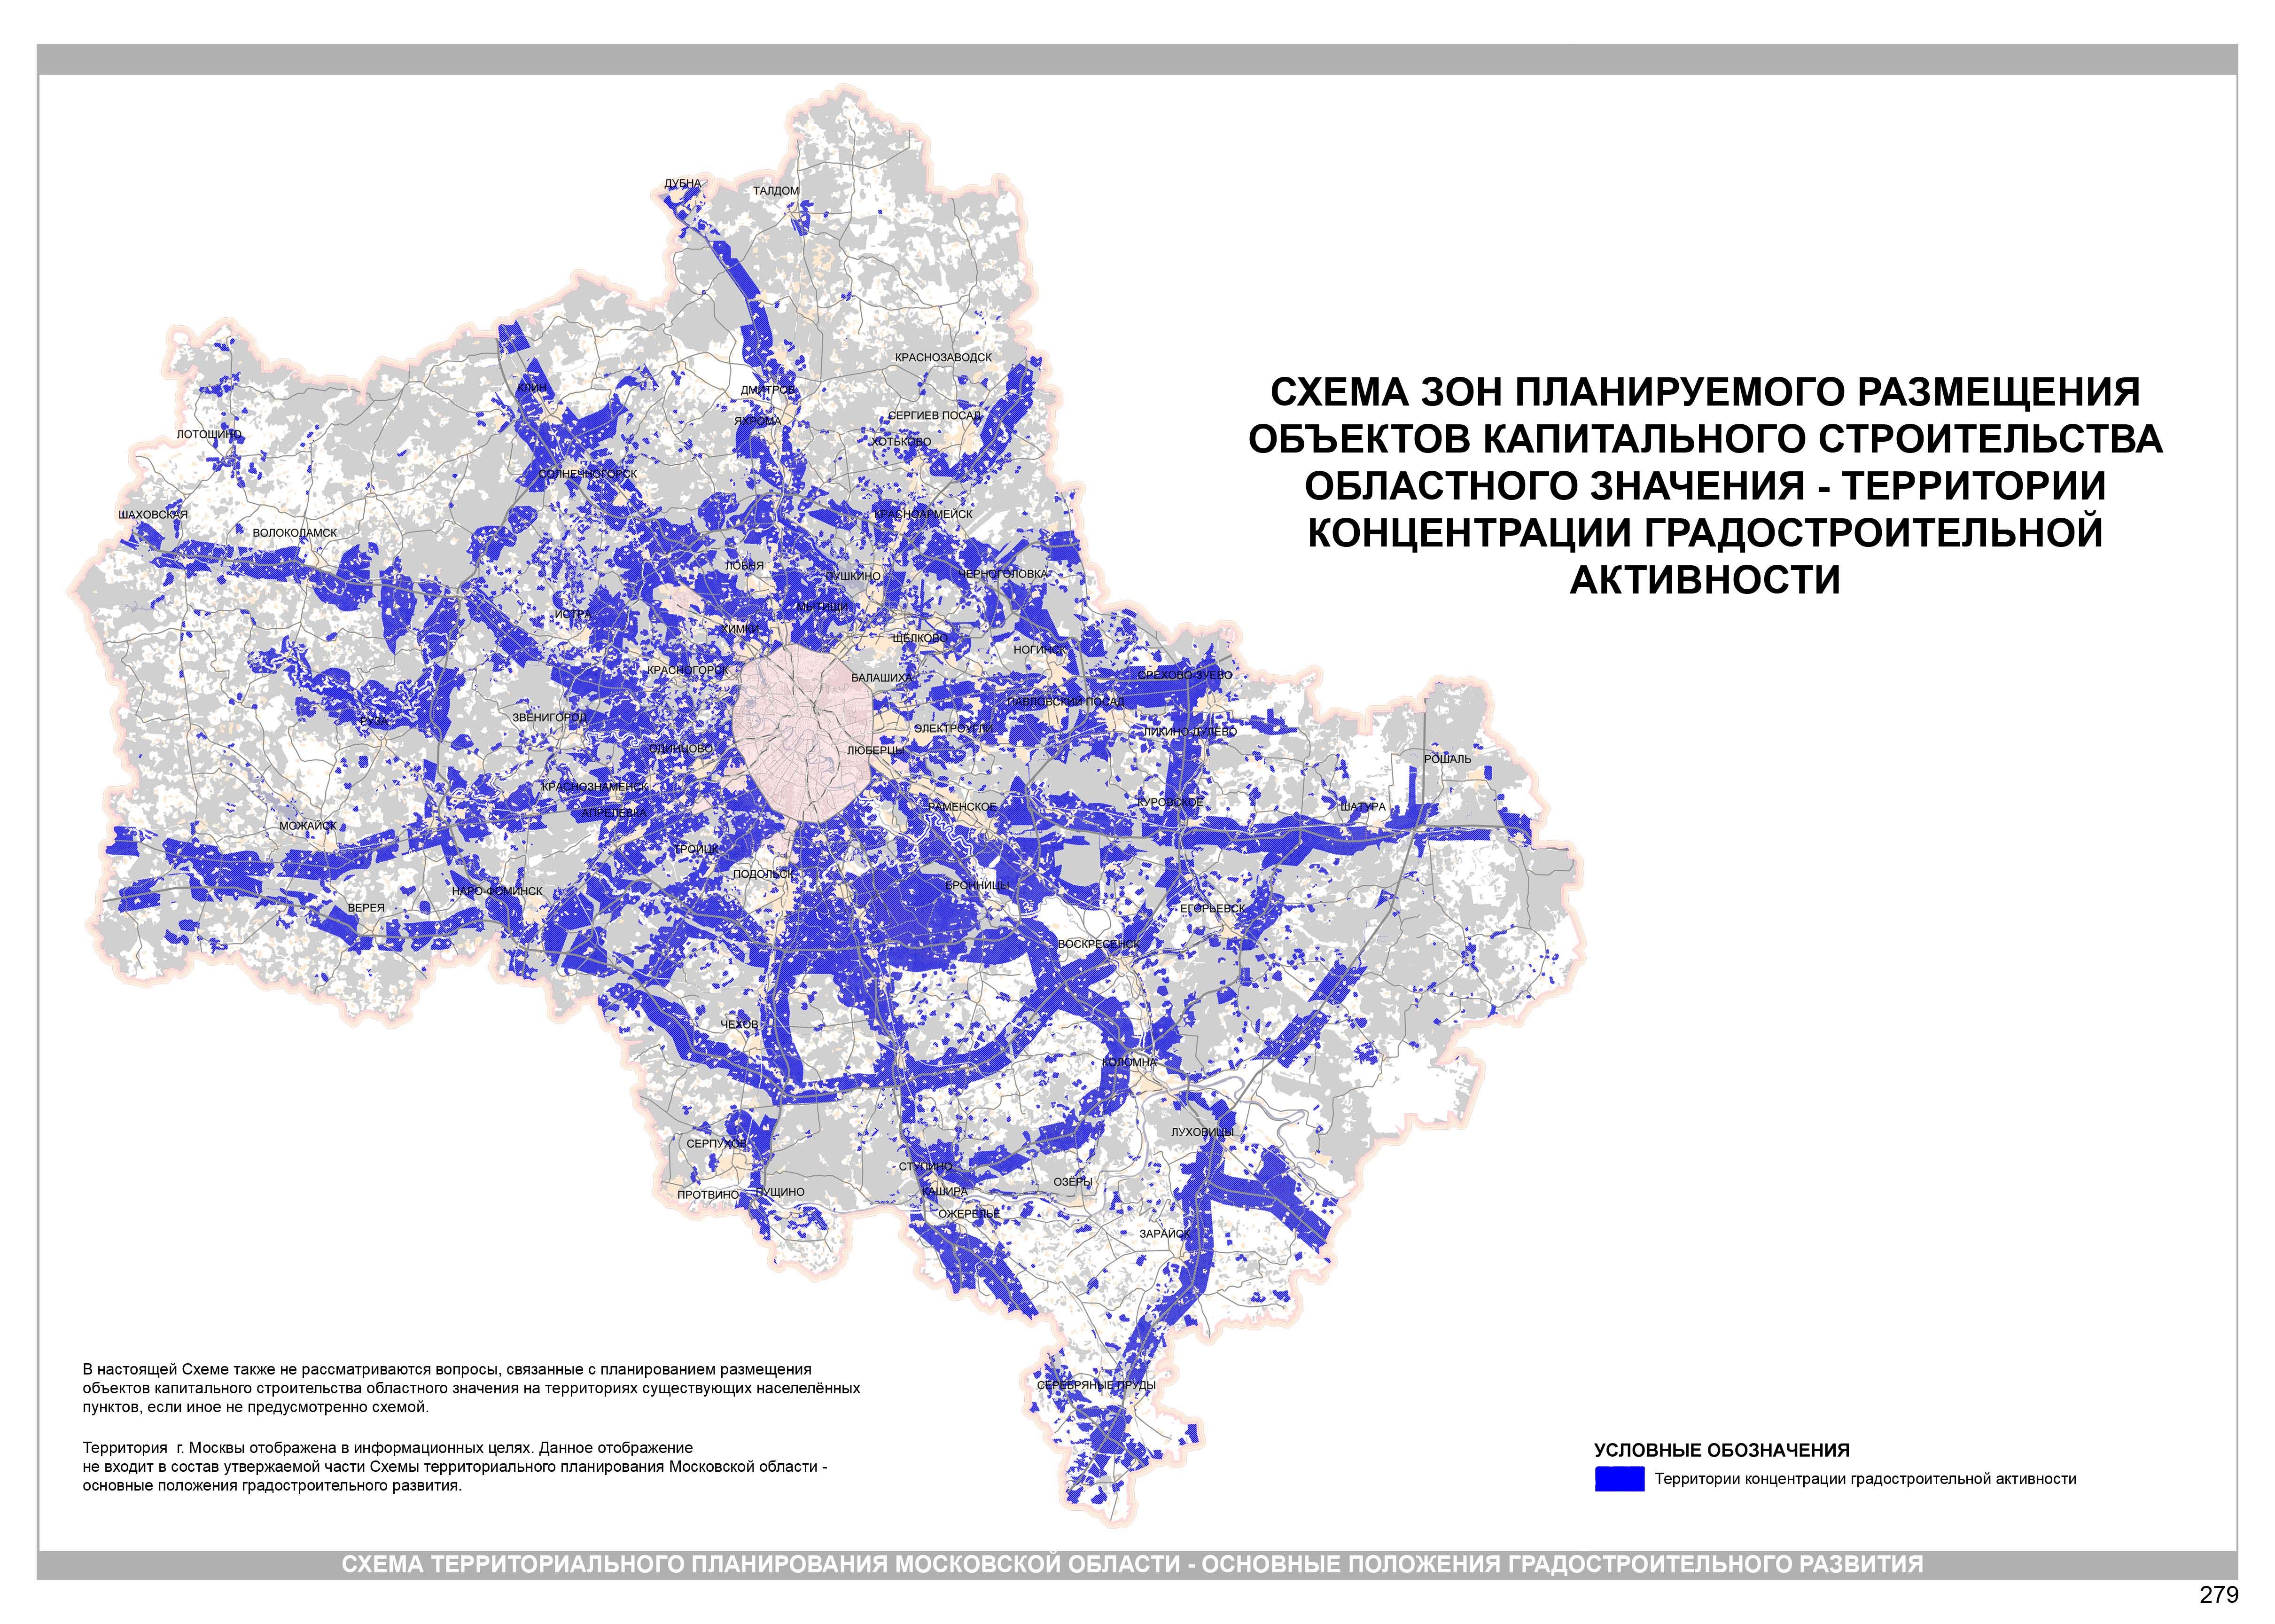 Территории концентрации градостроительной активности